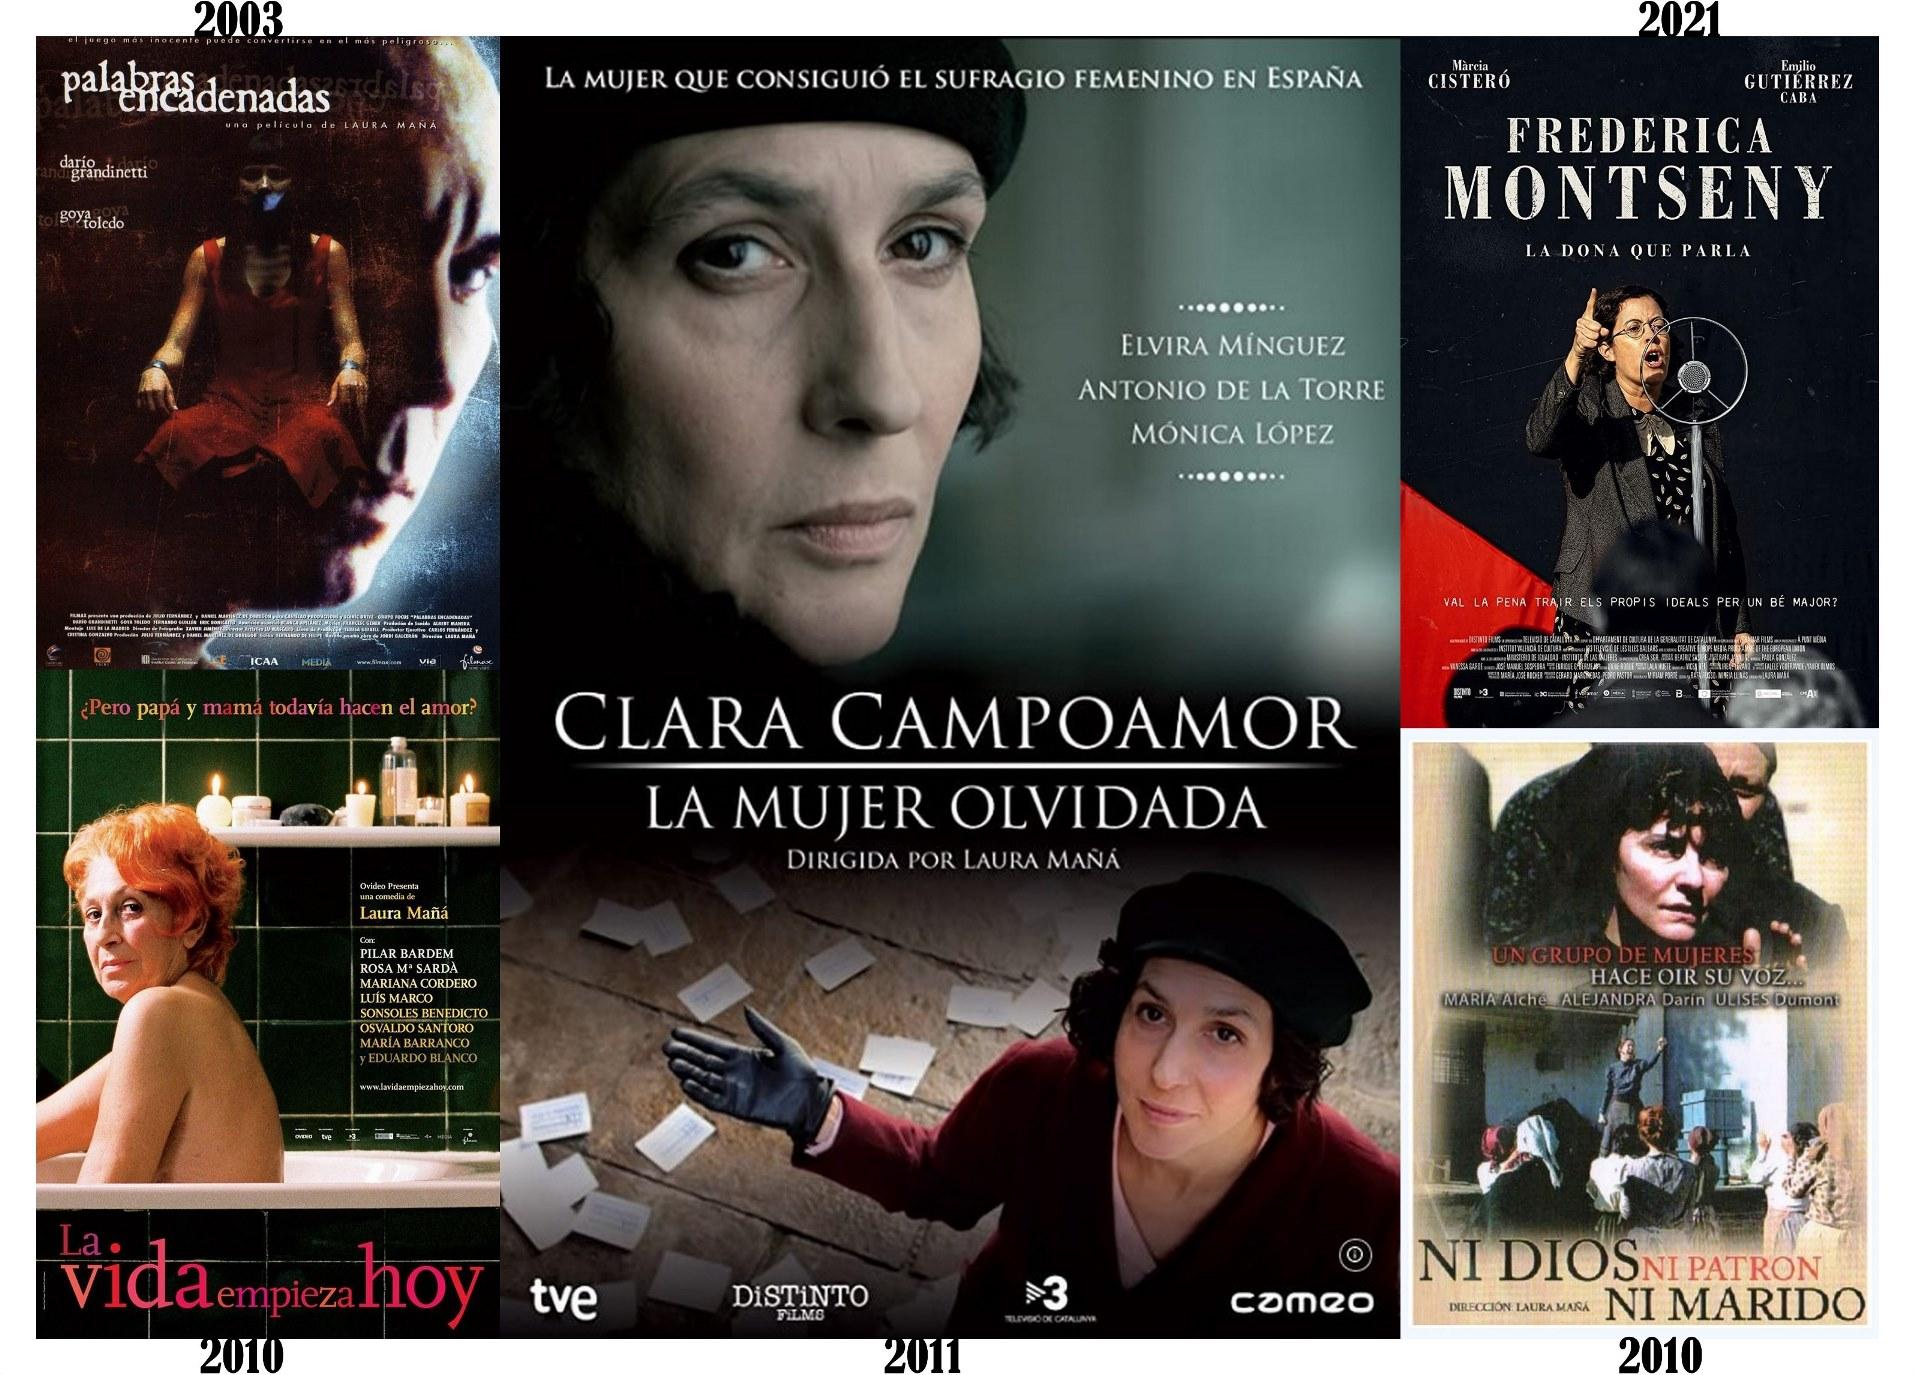 Laura Mañá-Filmografía como directora